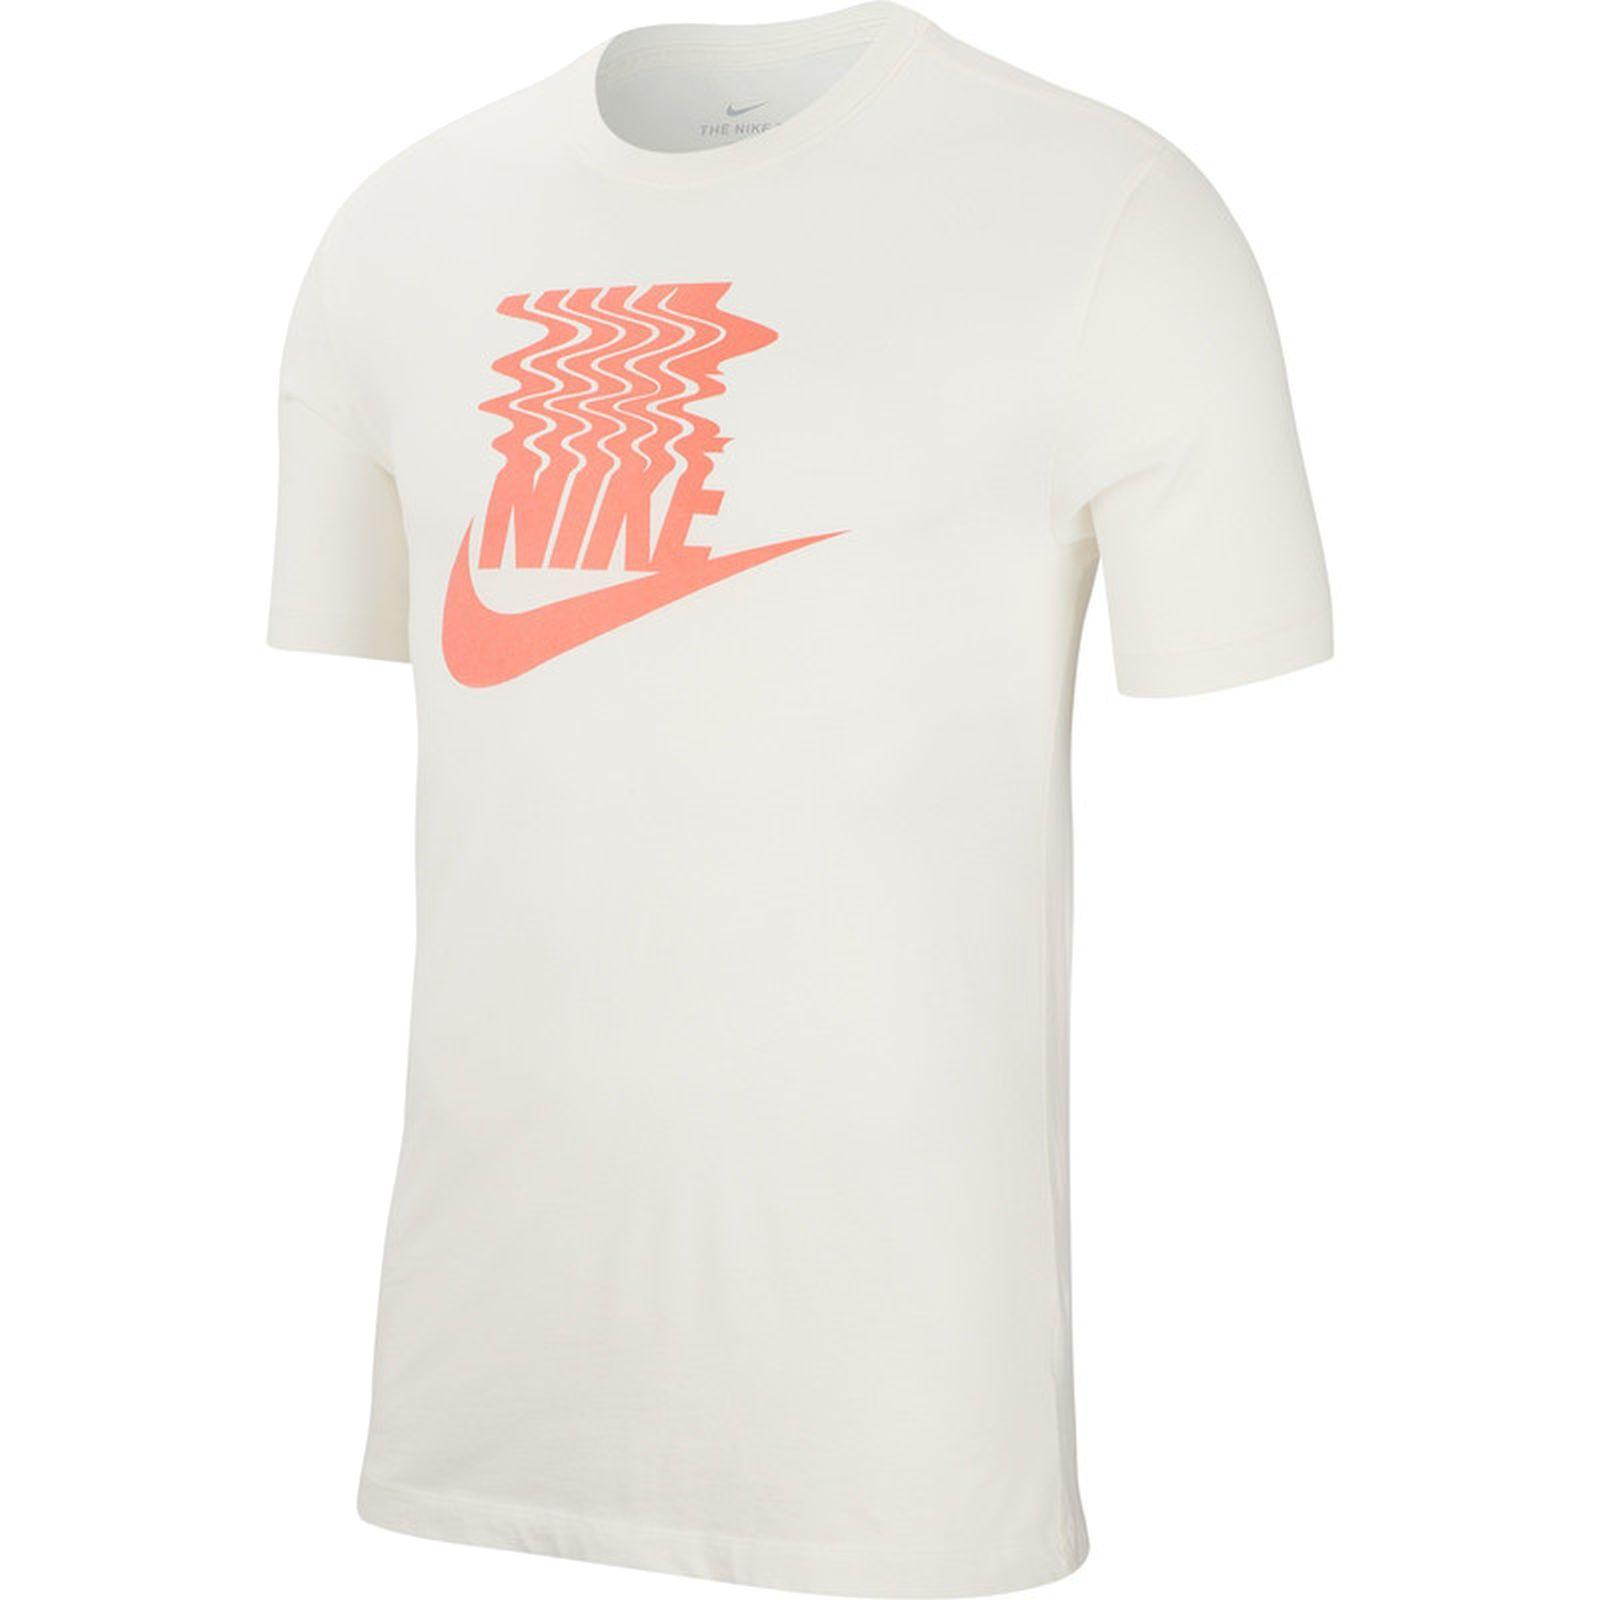 Detalles de Nike Herren Sport Fitness T Shirt Camiseta Logo Sznl Stmt Verano Vibes Beige